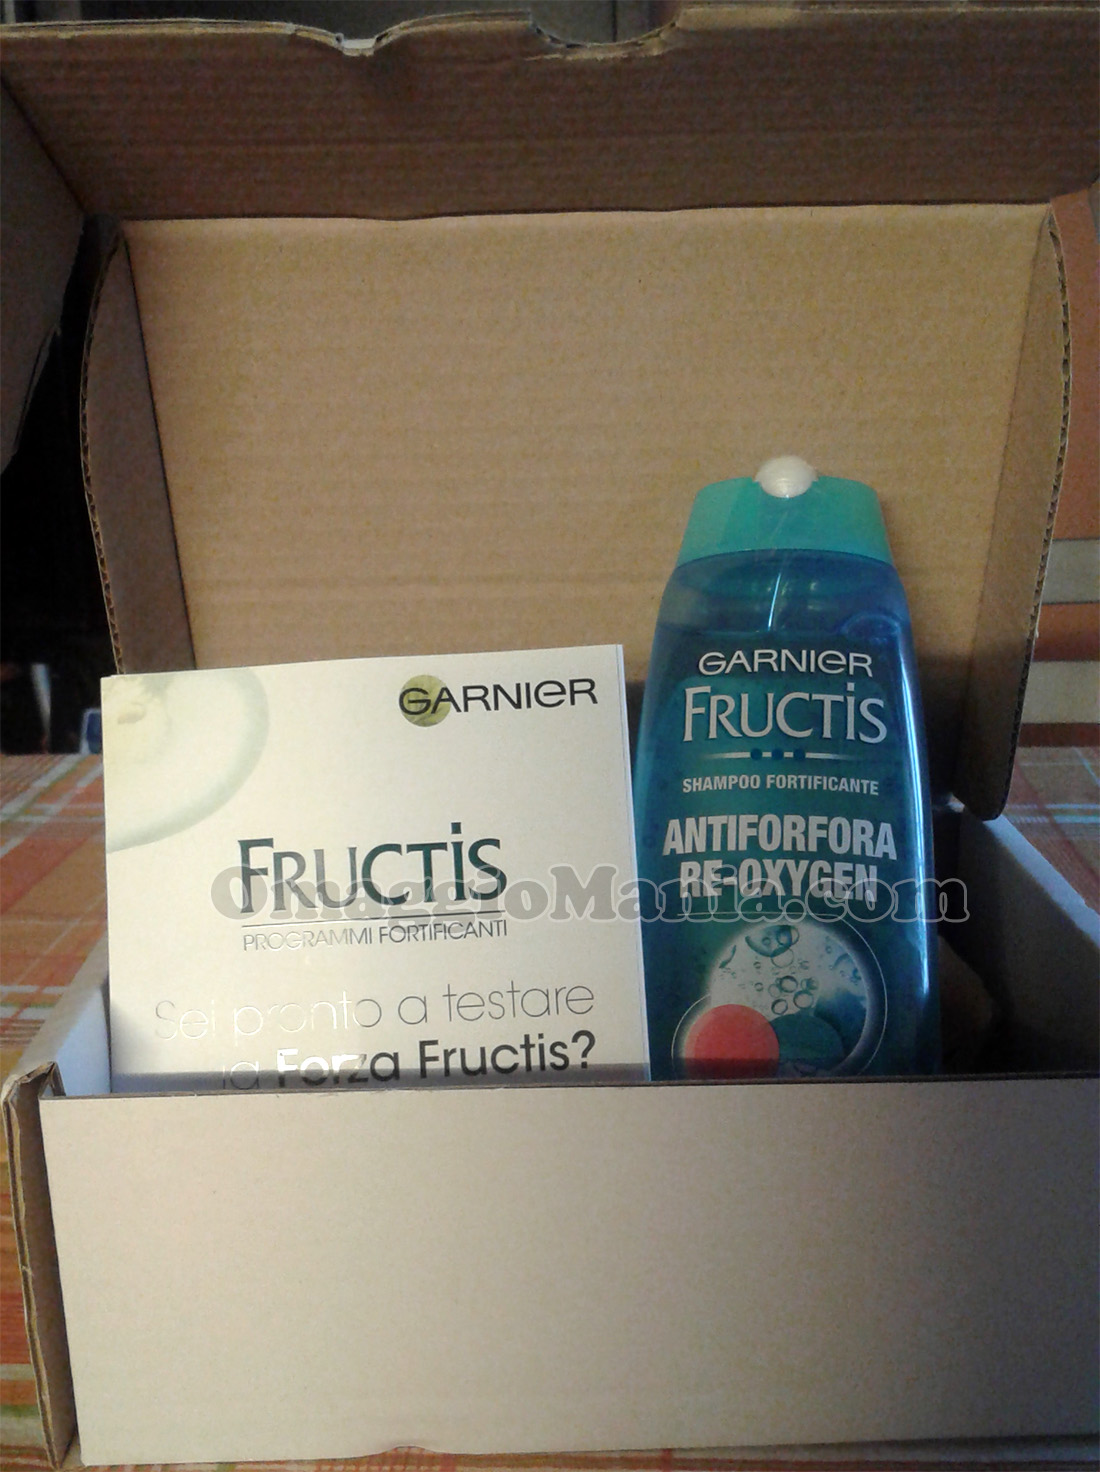 Garnier Fructis Antiforfora Re-Oxygen di Vale